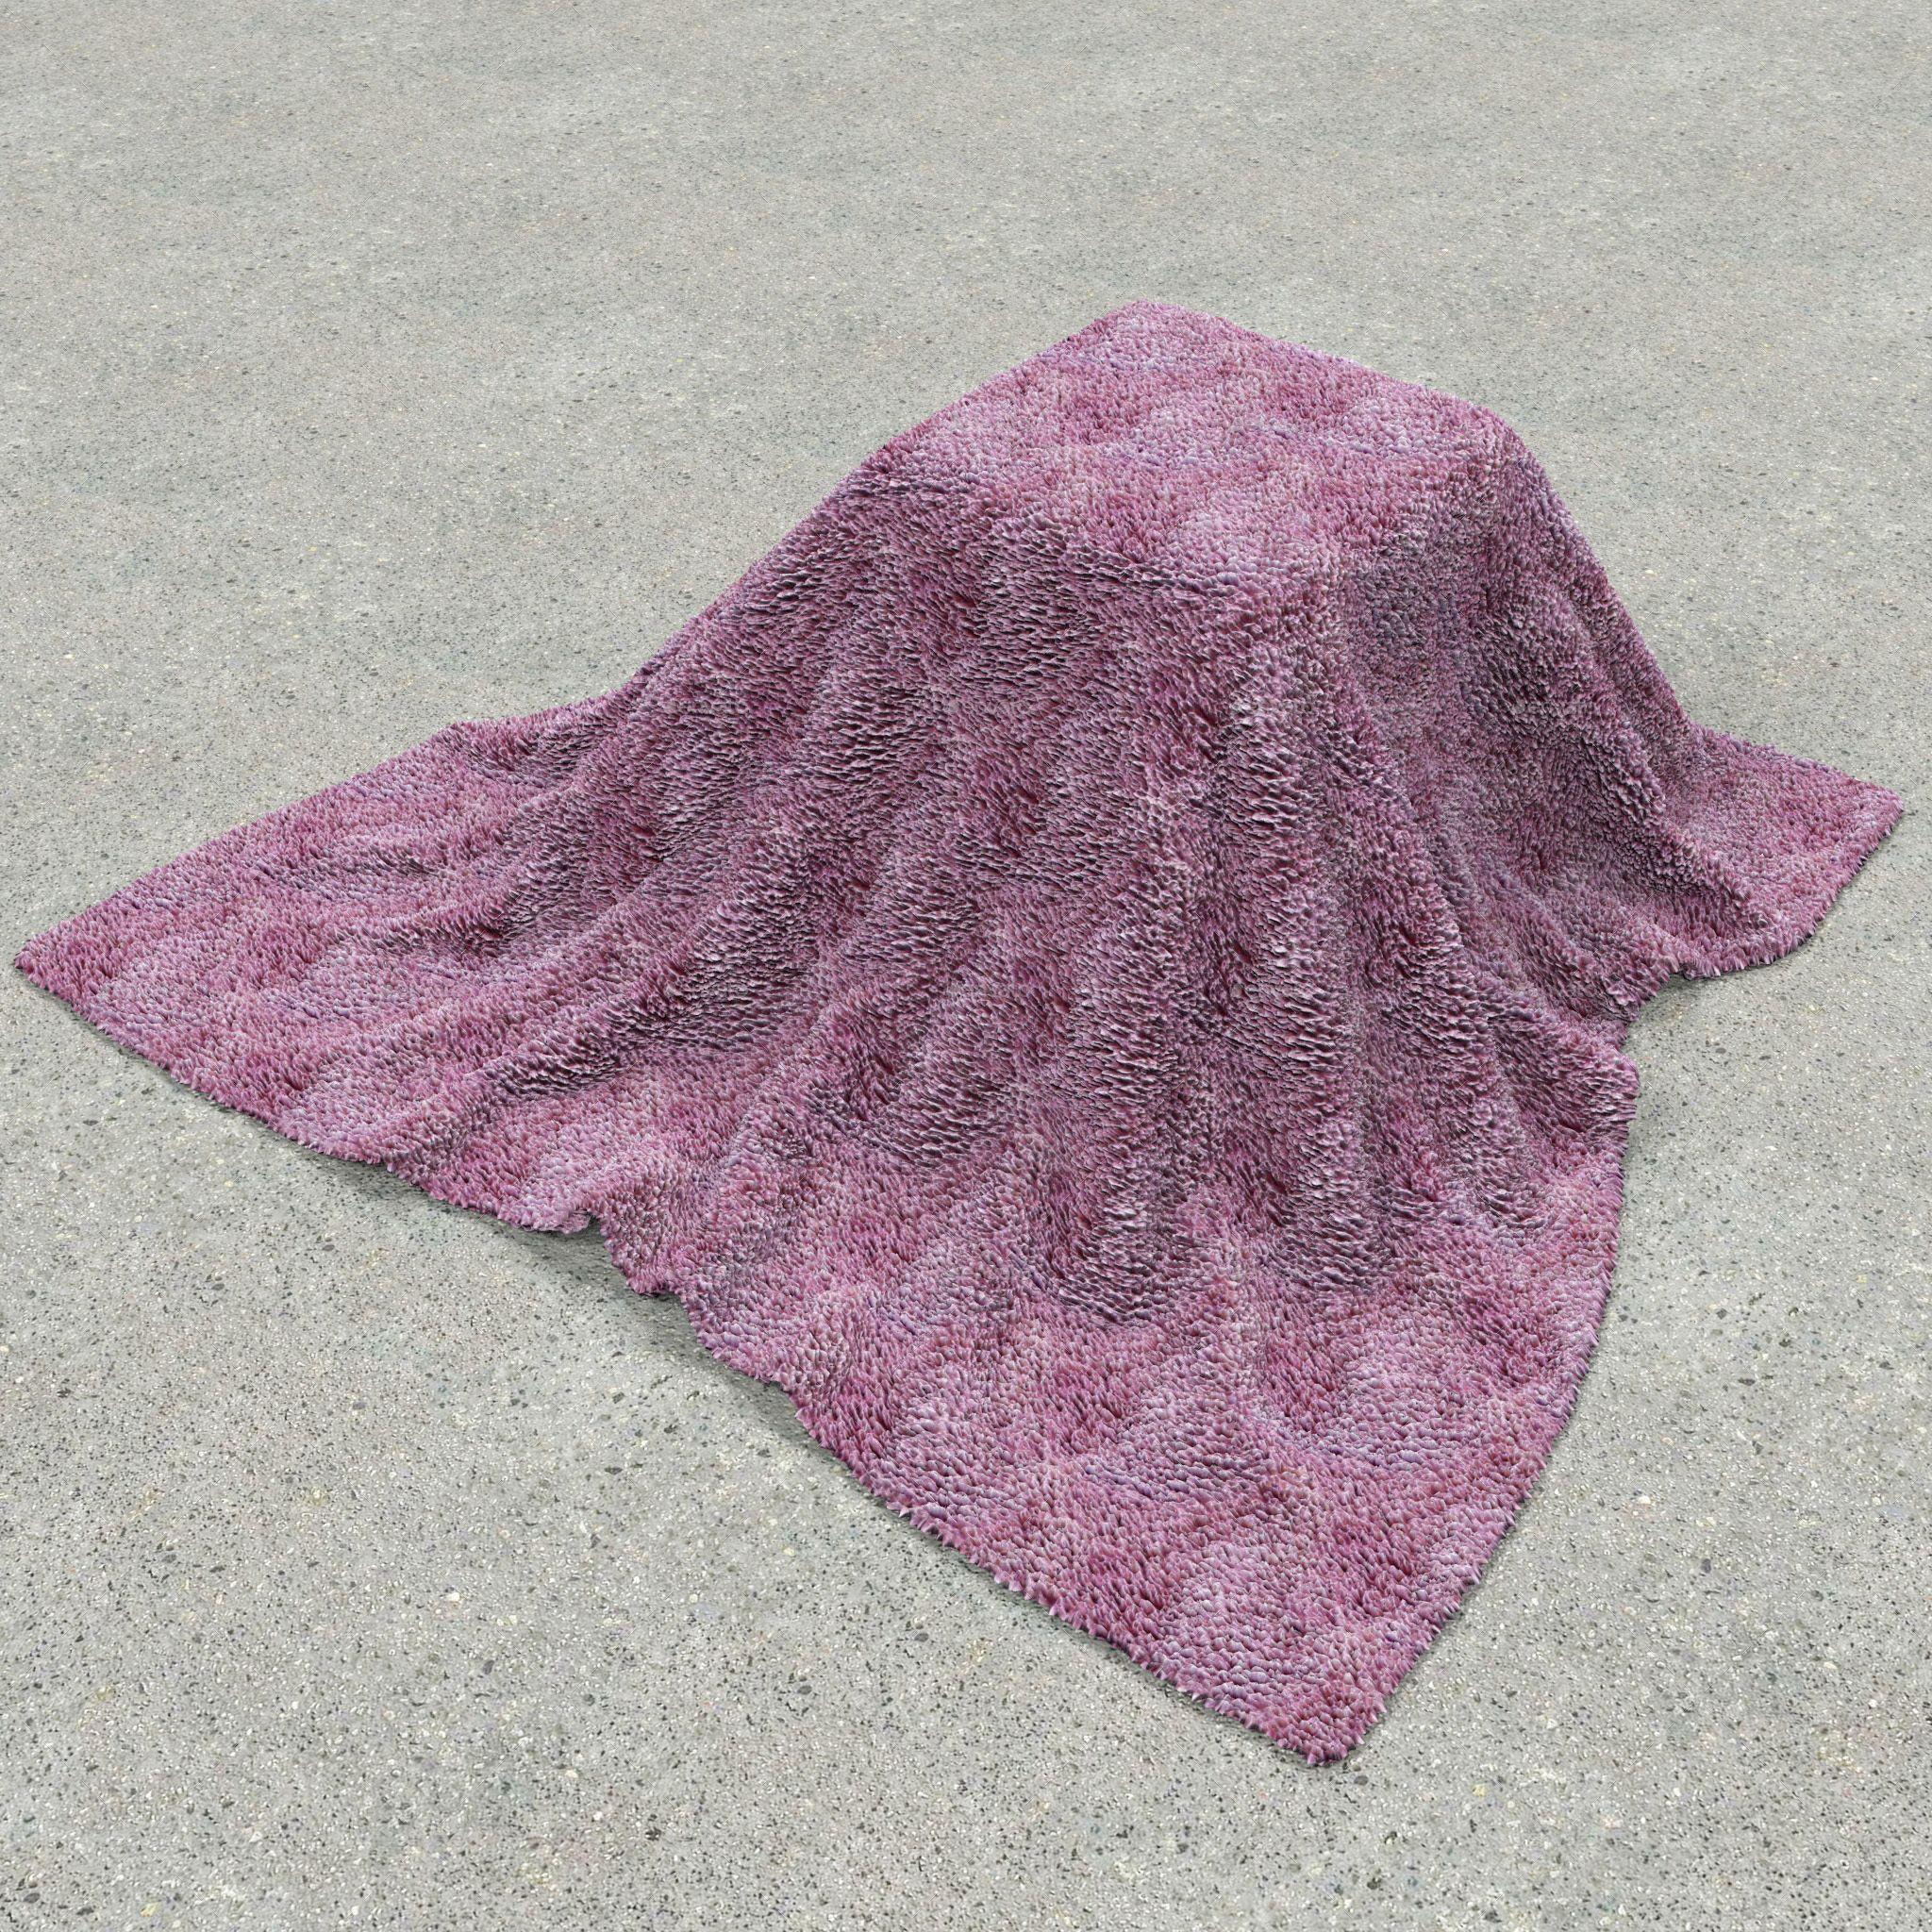 Patterned Towel Texture #Patterned, #Towel, #Texture | 3d Design